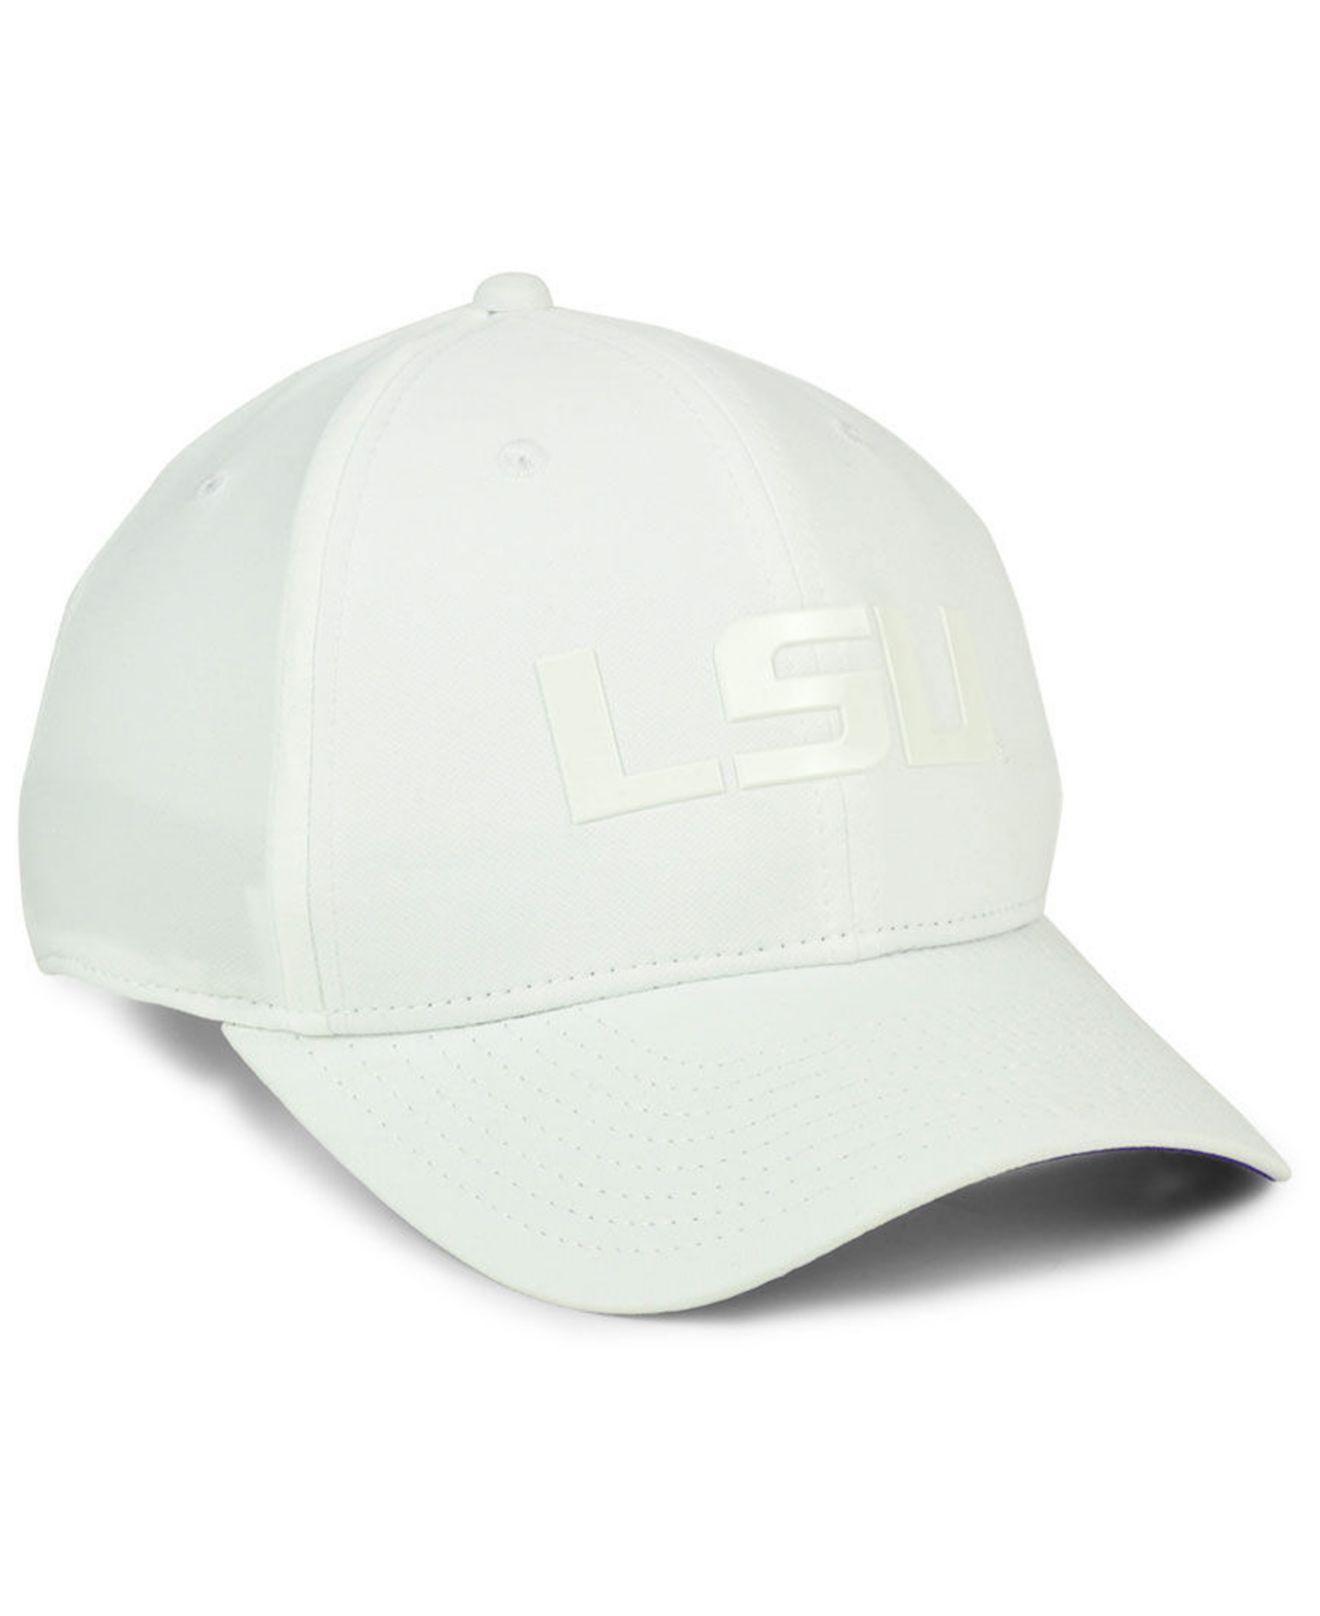 dd0a6409a7501 ... closeout nike white lsu tigers col cap for men lyst. view fullscreen  7e4a0 f6a19